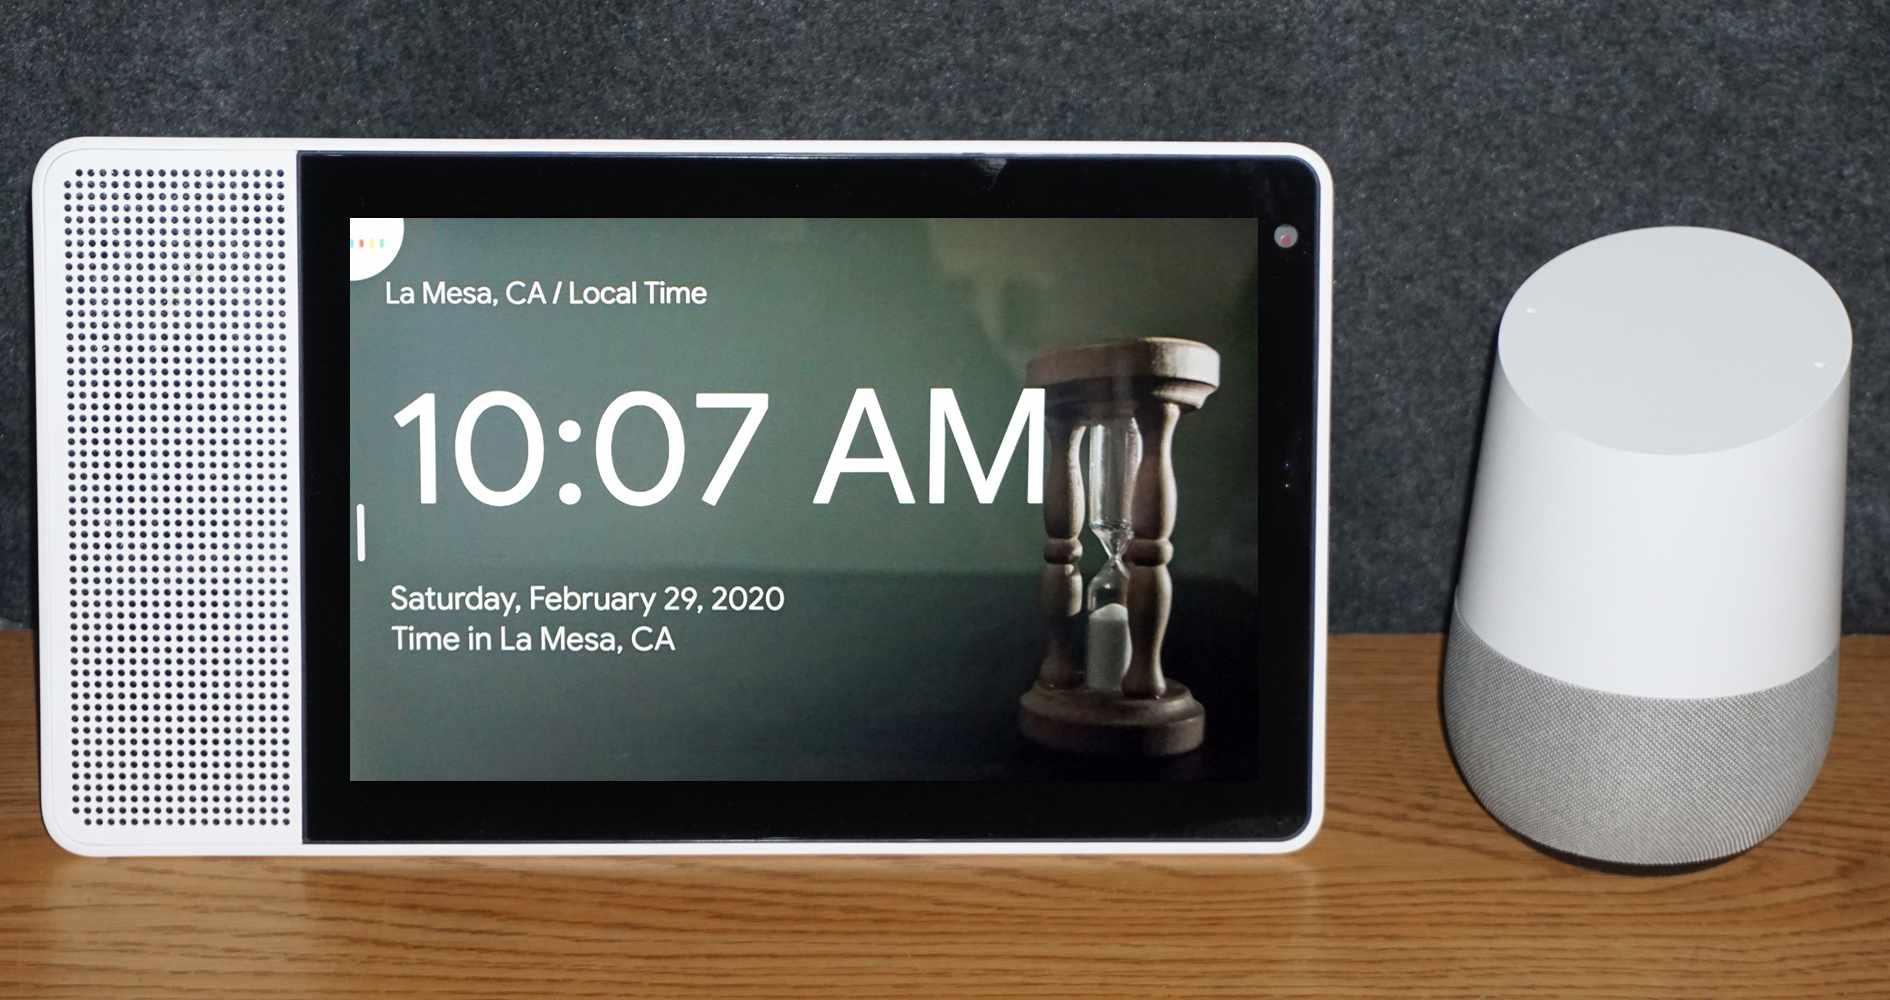 Lenovo Smart Display and Google Home